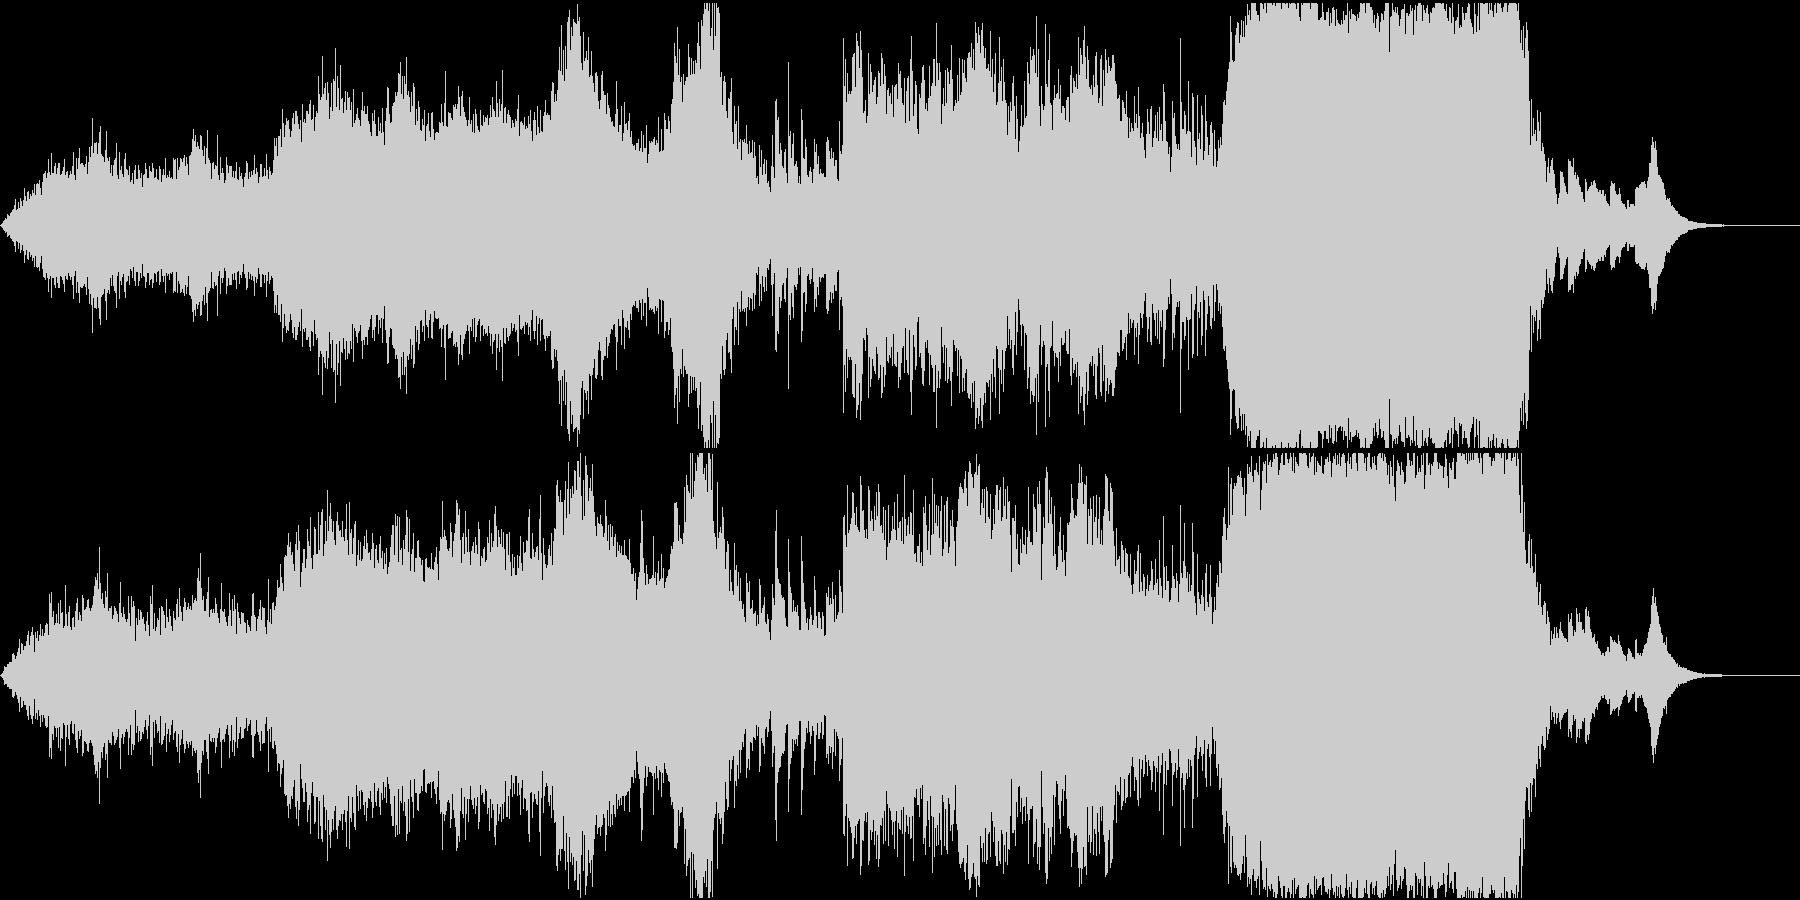 空気感のある音響的なホラーなオーケストラの未再生の波形